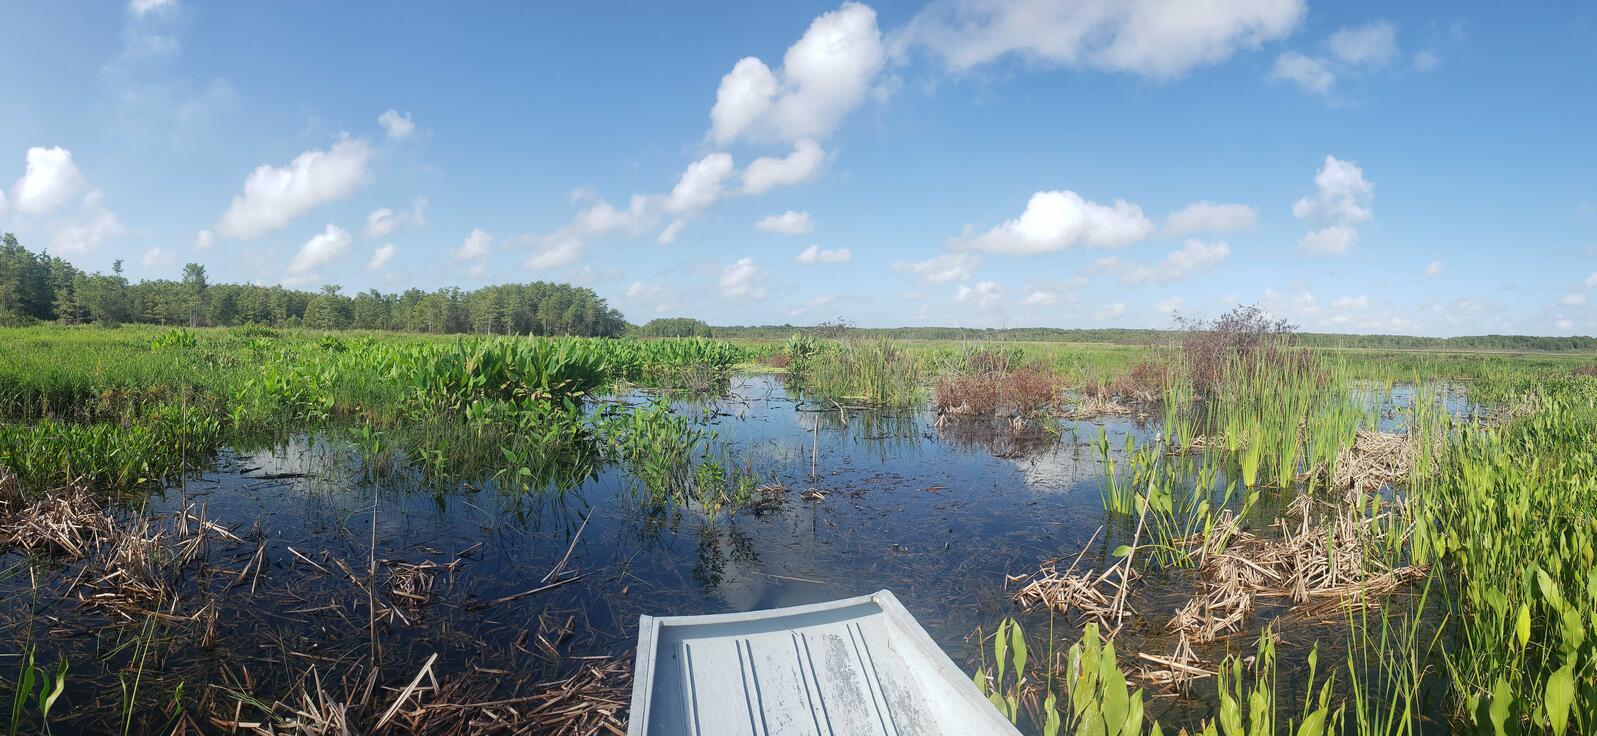 View of wetlands